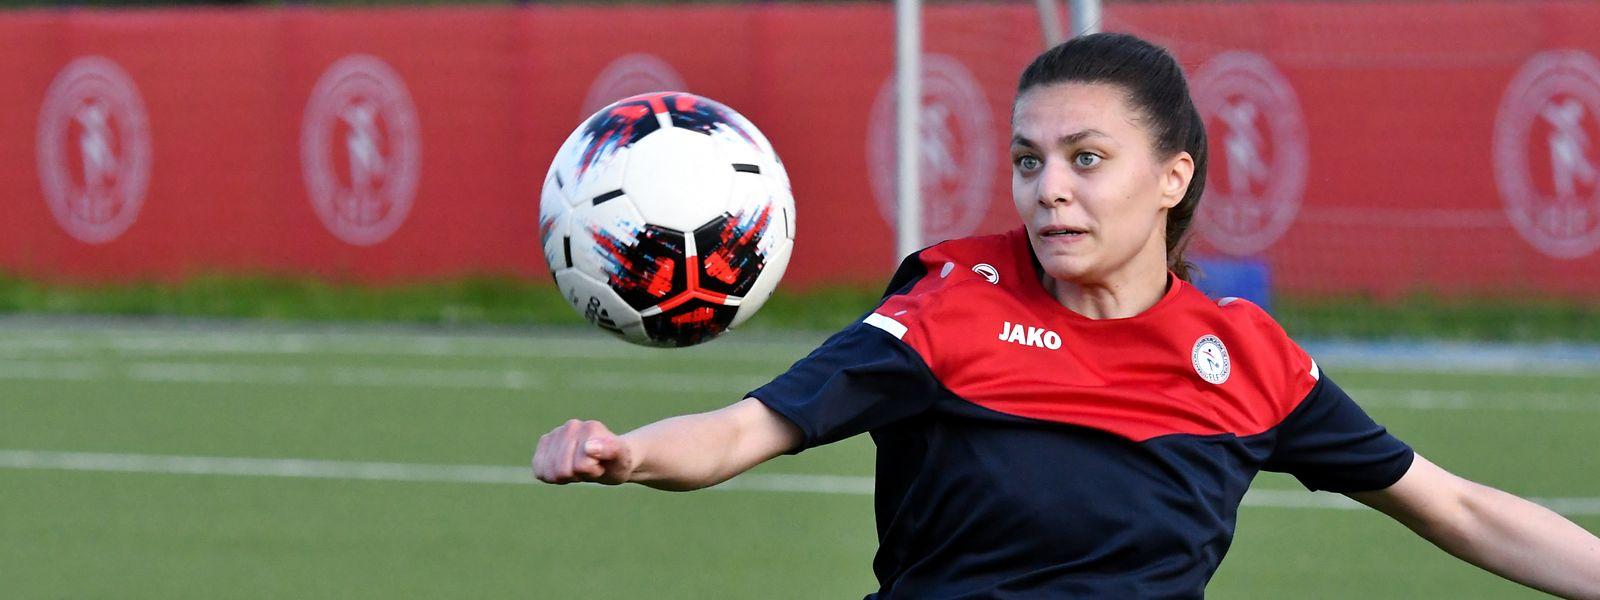 Die 24-jährige Marta Estevez gehört zu den erfahreneren Spielerinnen in der FLF-Auswahl.